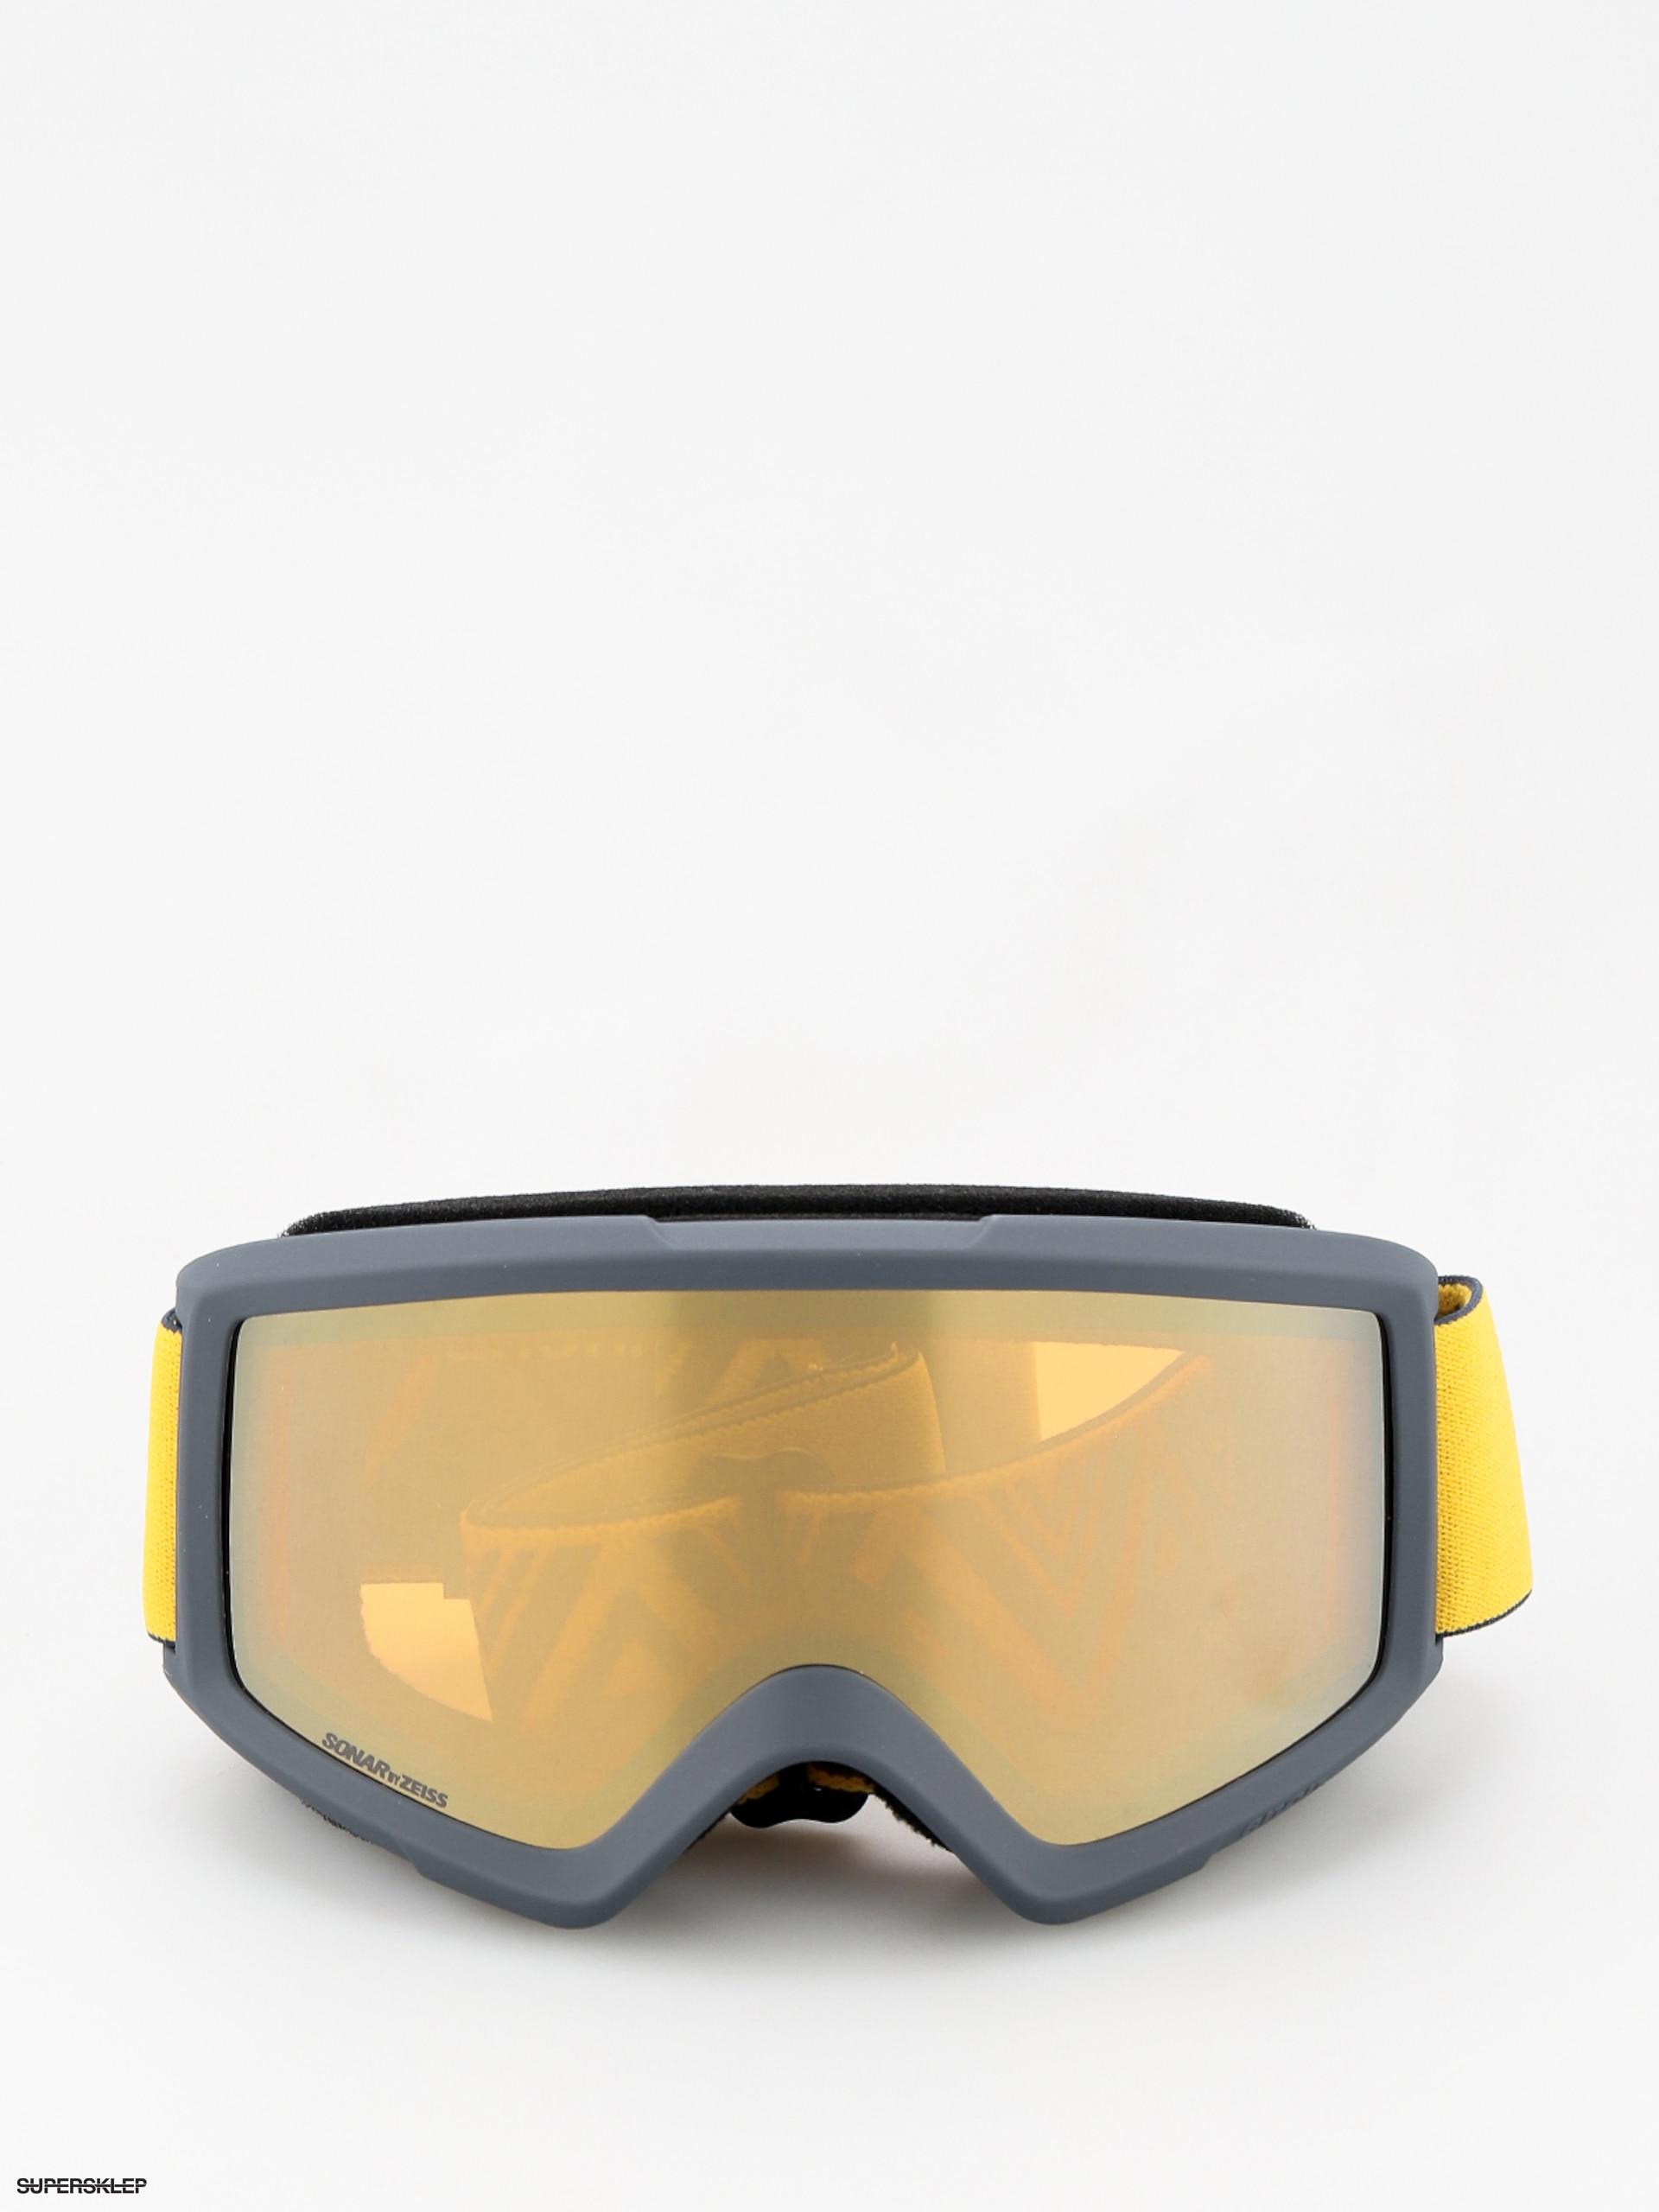 Okuliare na snowboard Anon Helix 2 Sonar W Spare (mustard sonar bronze) a767f13693f